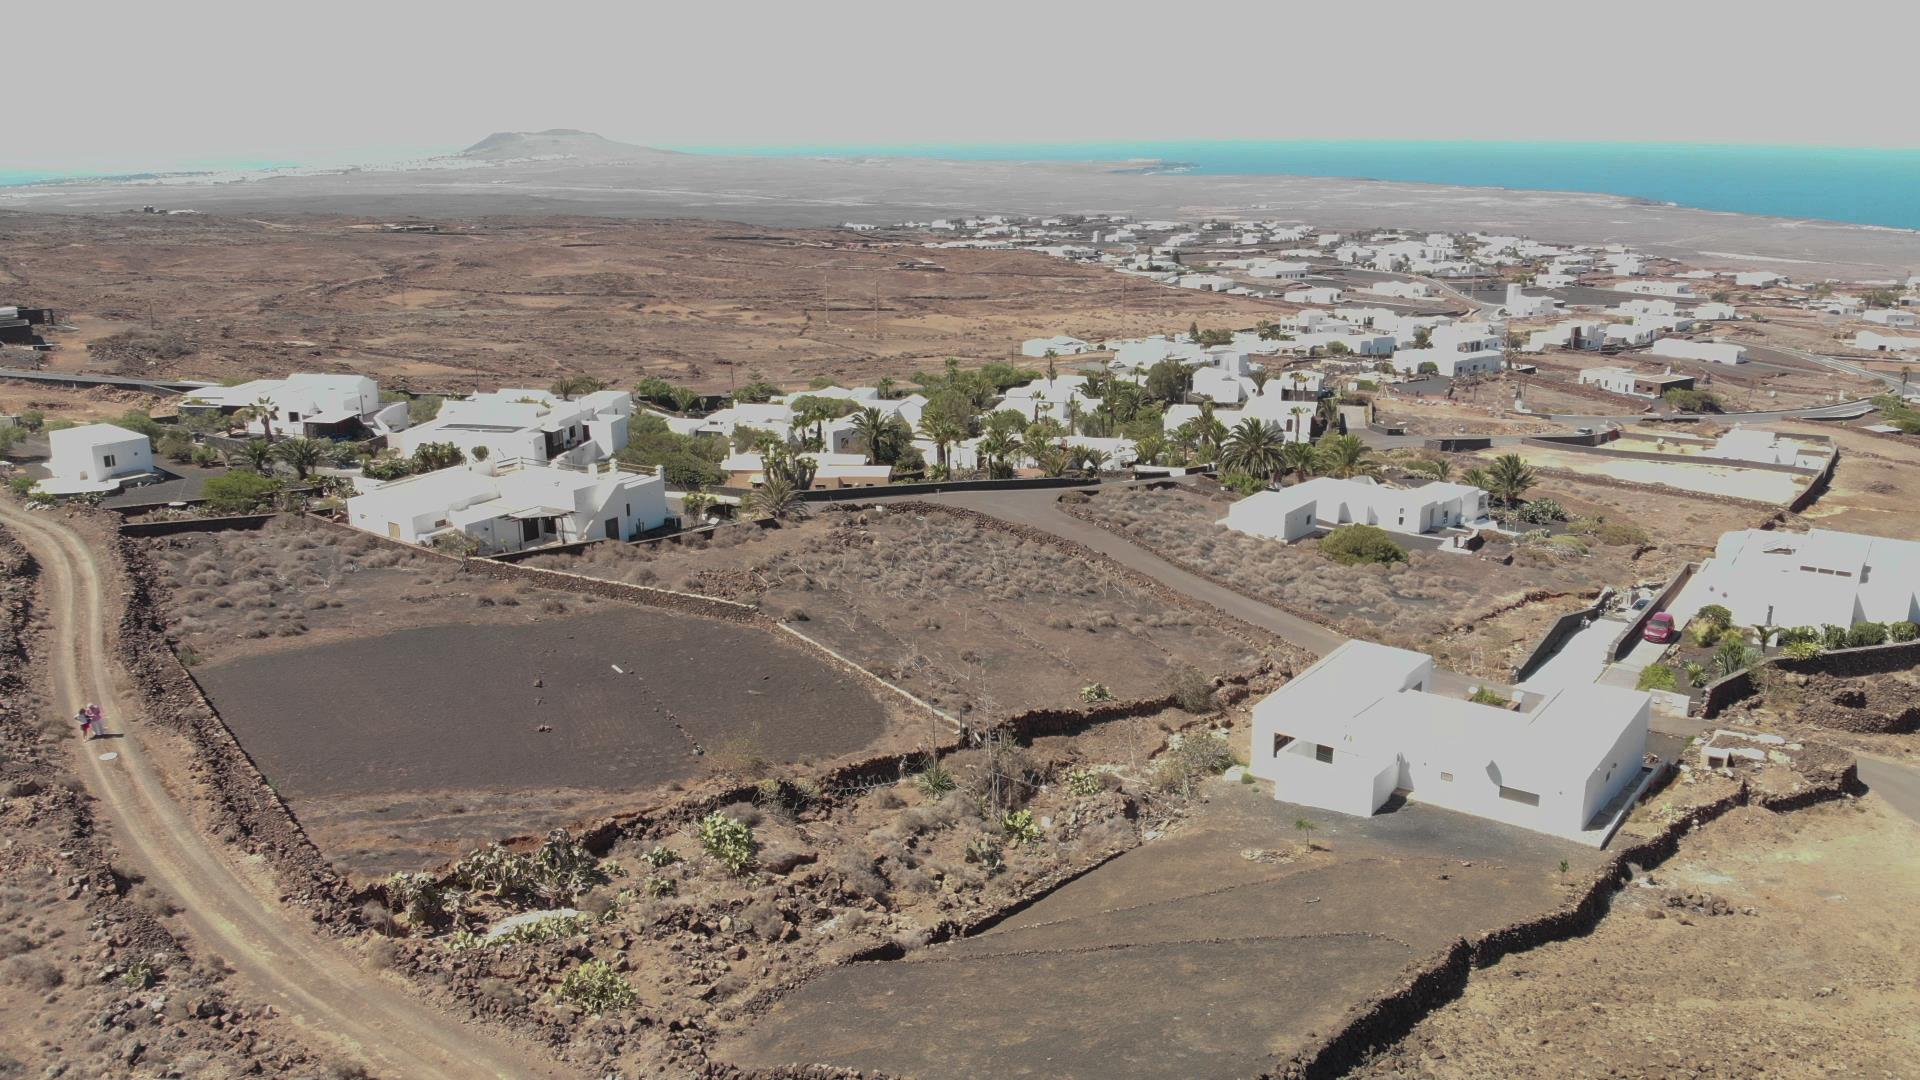 YouTube 190915 Las Breñas 2 aerial views around the plot 0223 0225